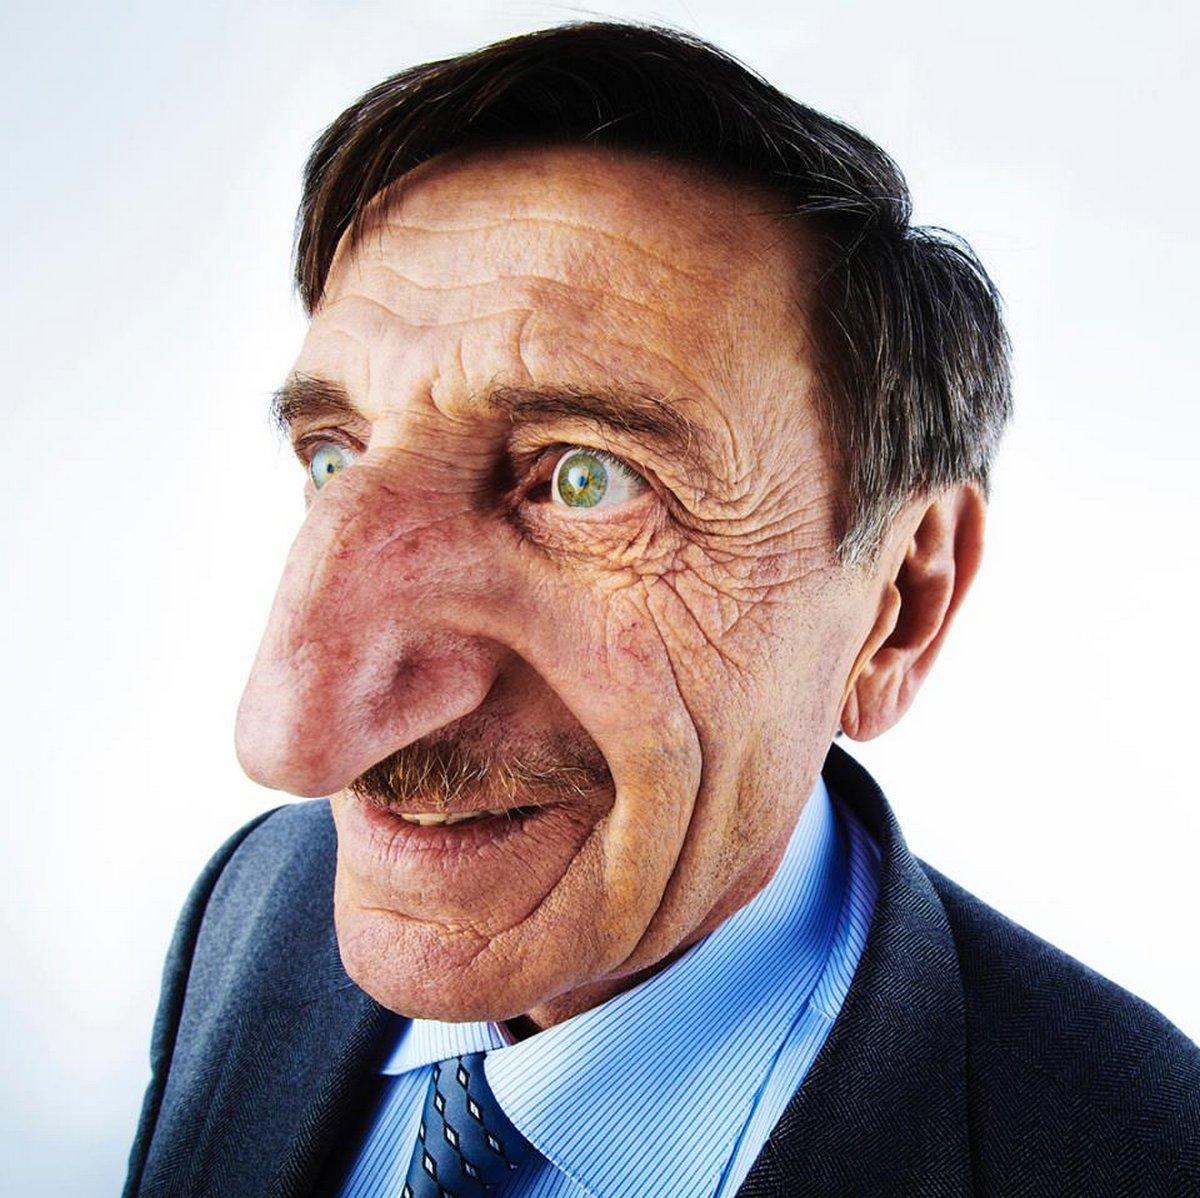 Les hommes ayant un grand nez ont tendance à avoir un plus grand pénis, selon une étude